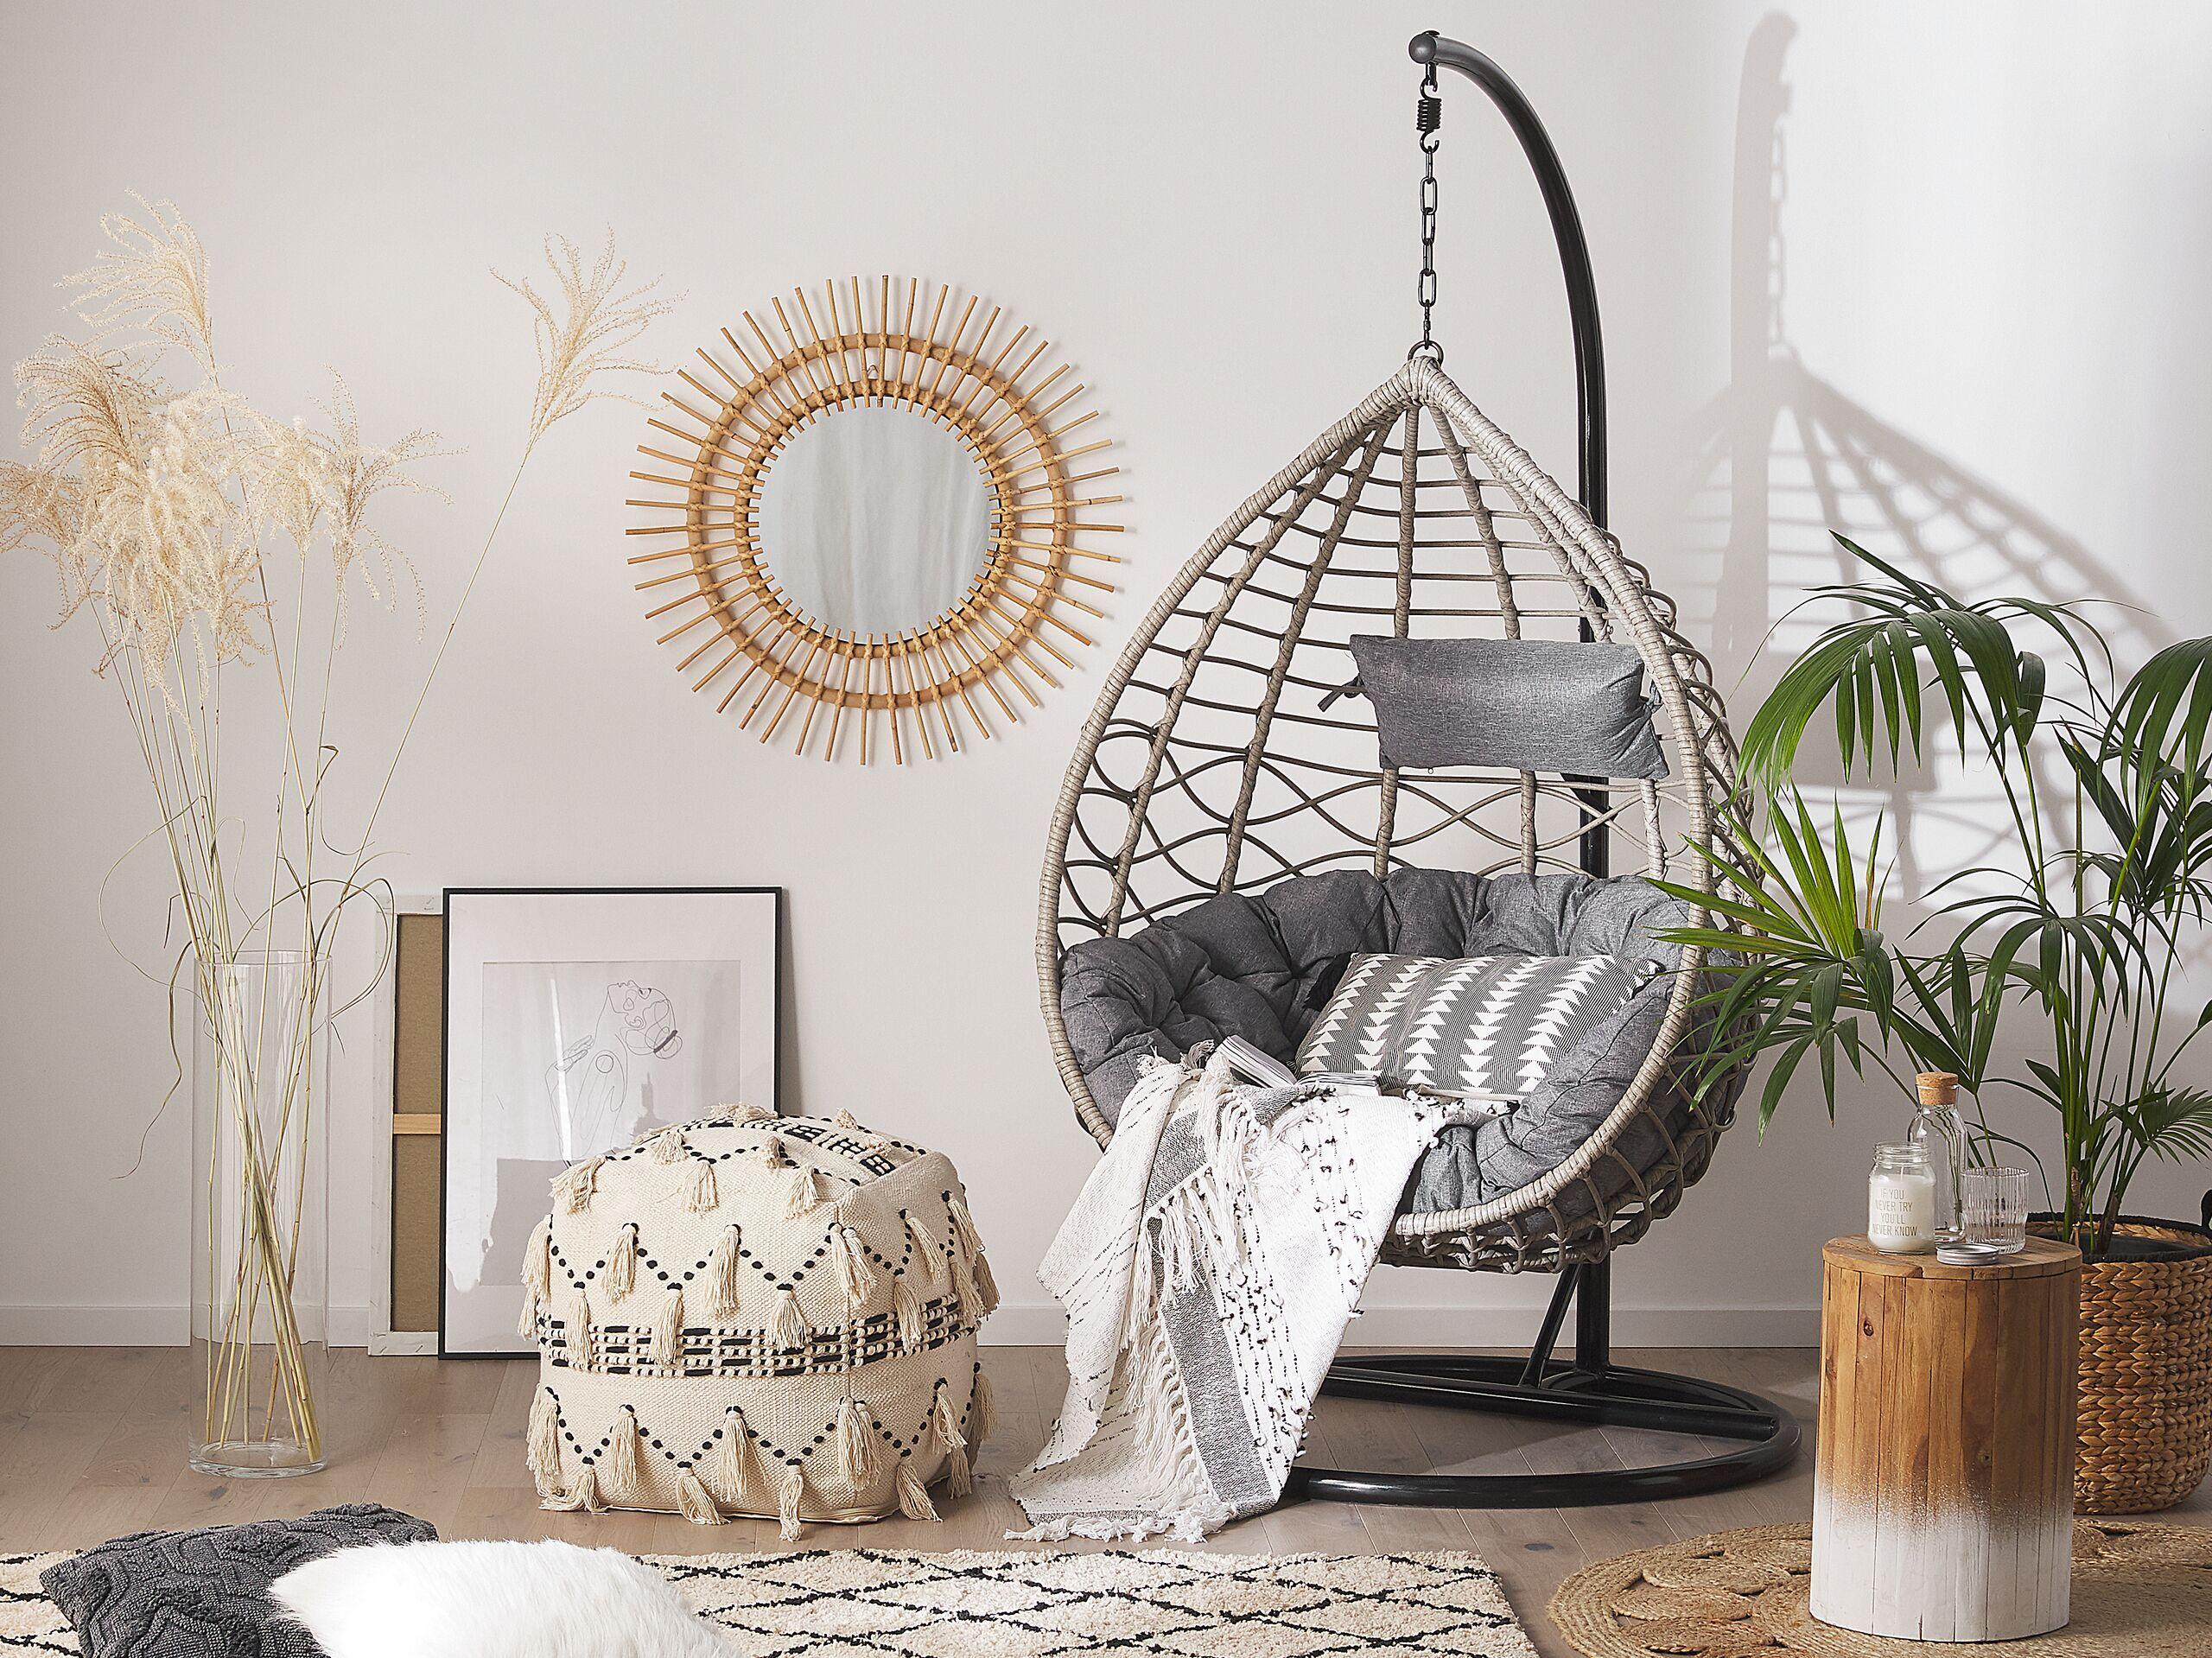 beliani sedia sospesa con cesta di rattan grigio per interno ed esterno